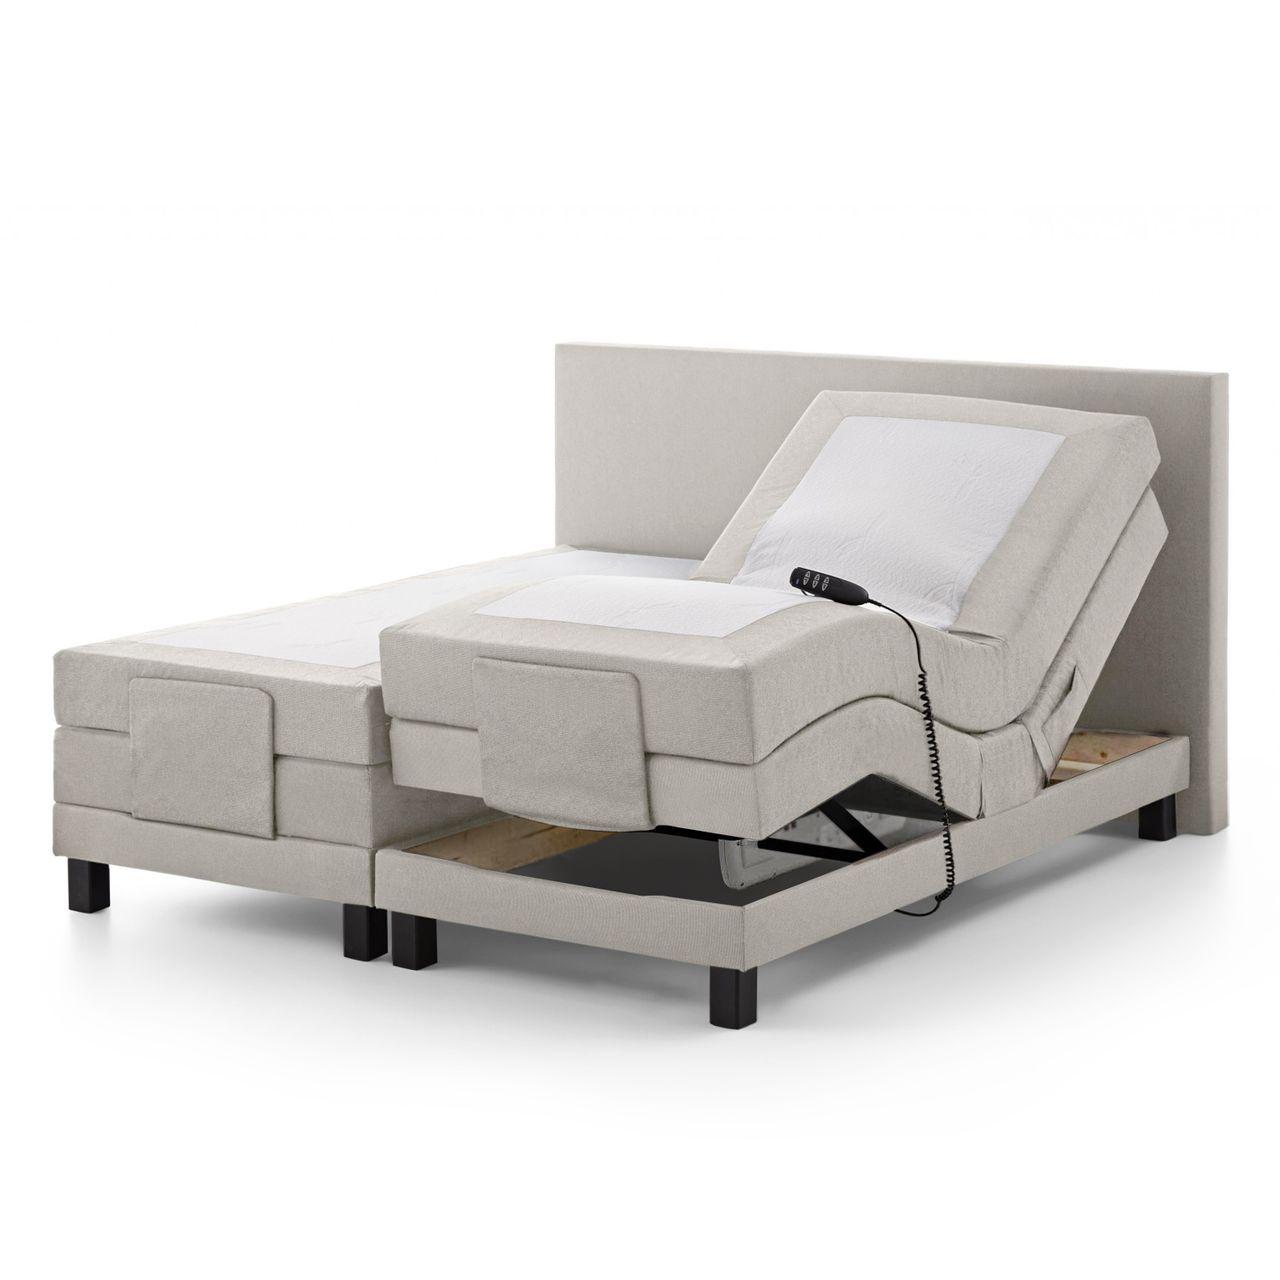 belvandeo ancona amerikanisches boxspring bett mit motor 7 zonen taschenfederkern matratzen. Black Bedroom Furniture Sets. Home Design Ideas